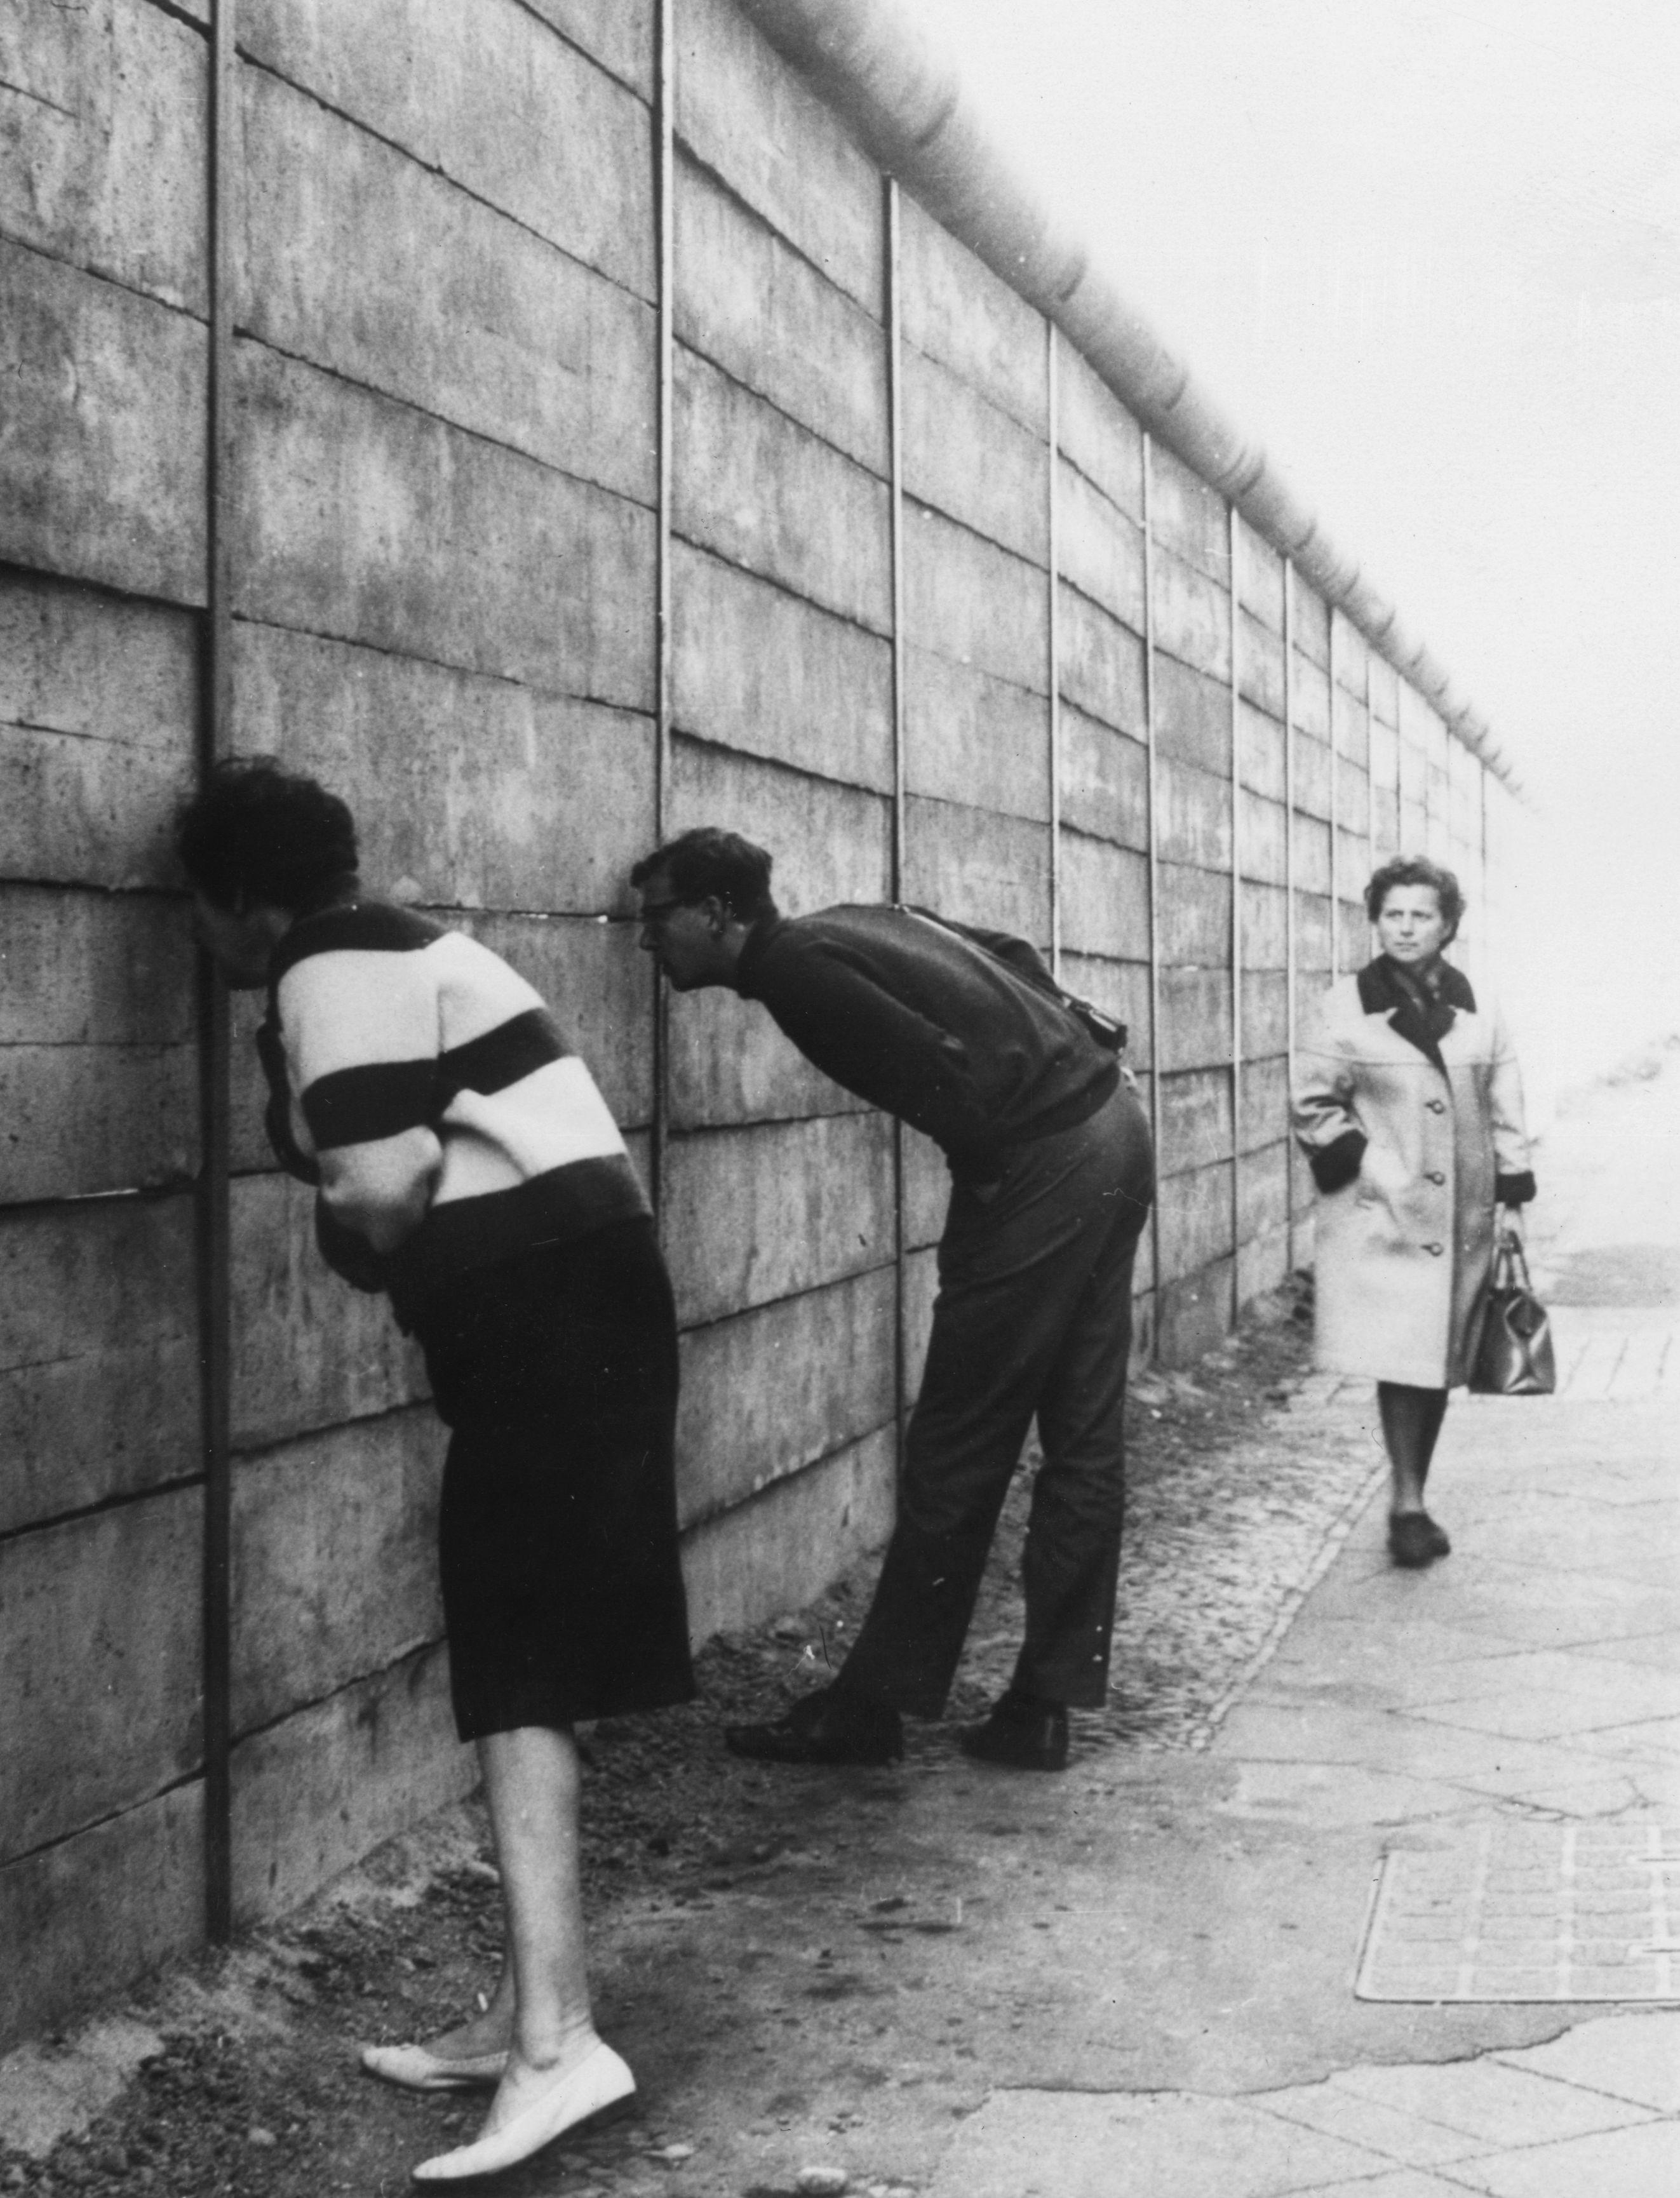 <p>Хора от Западен Берлин надничат през пролуки в Стената, за да видят какво се случва от другата страна.&nbsp;</p>